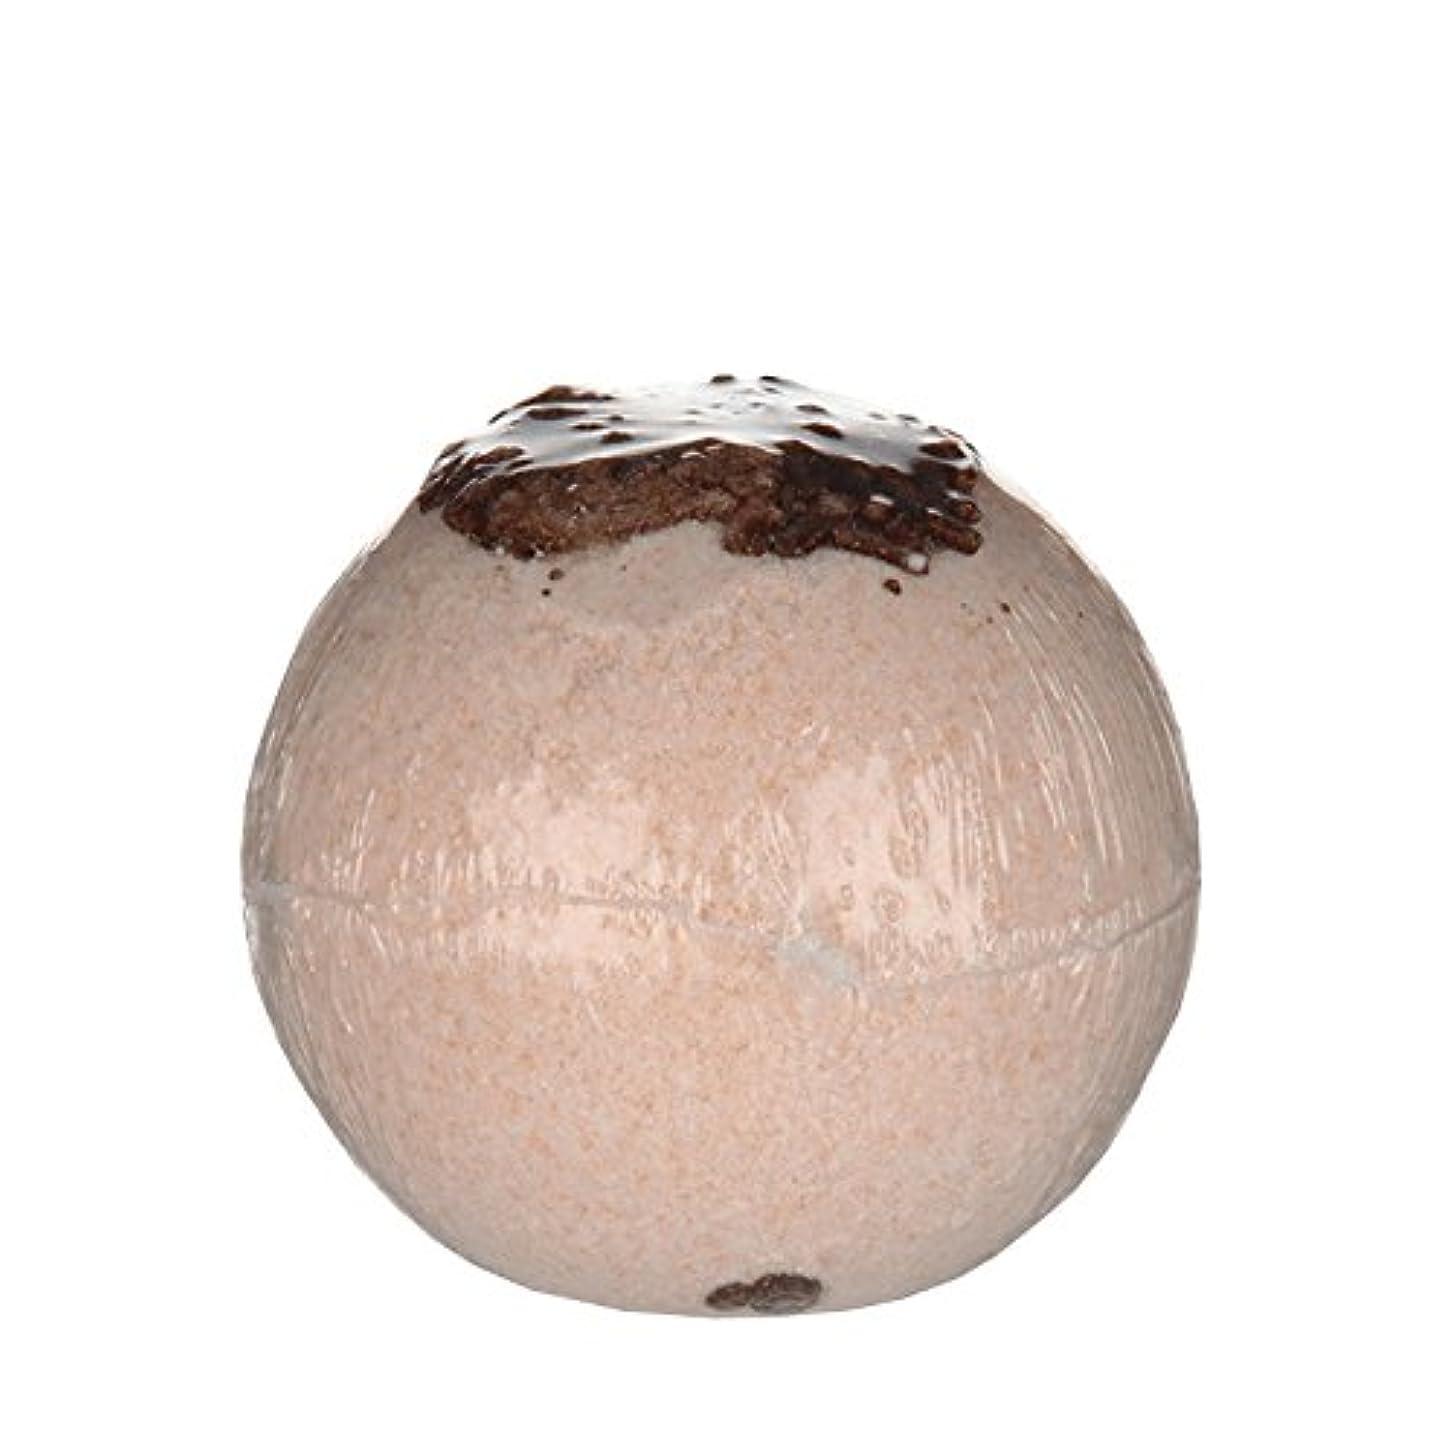 許されるシンプトンコンプライアンスTreetsバスボールココナッツチョコレート170グラム - Treets Bath Ball Coconut Chocolate 170g (Treets) [並行輸入品]